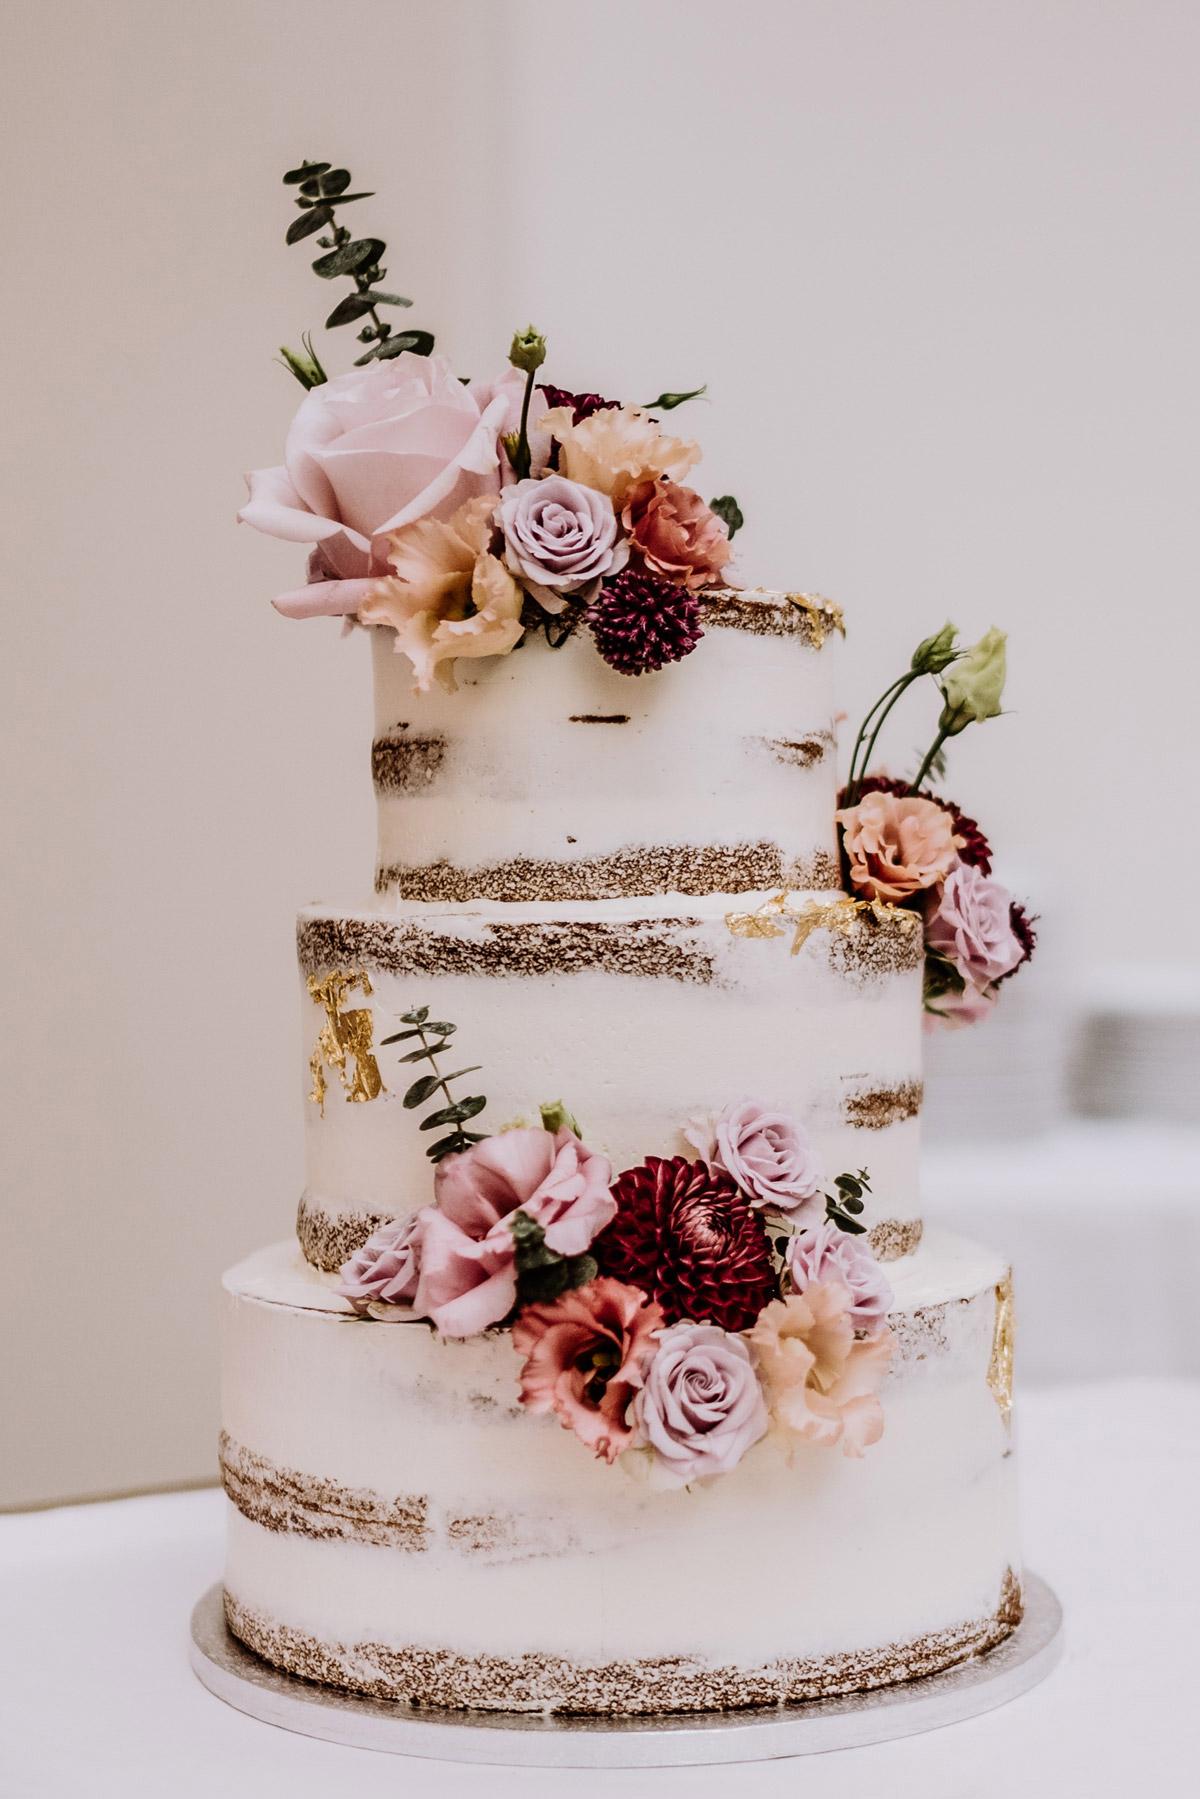 Nakedcake Hochzeit Blumen mit Gold dreistöckig Hochzeitsblumen in Lila, Rosa, Orange, Apricot #Hochzeit Berlin © www.hochzeitslicht.de #hochzeitslicht #Weddingcake #Nakedcake